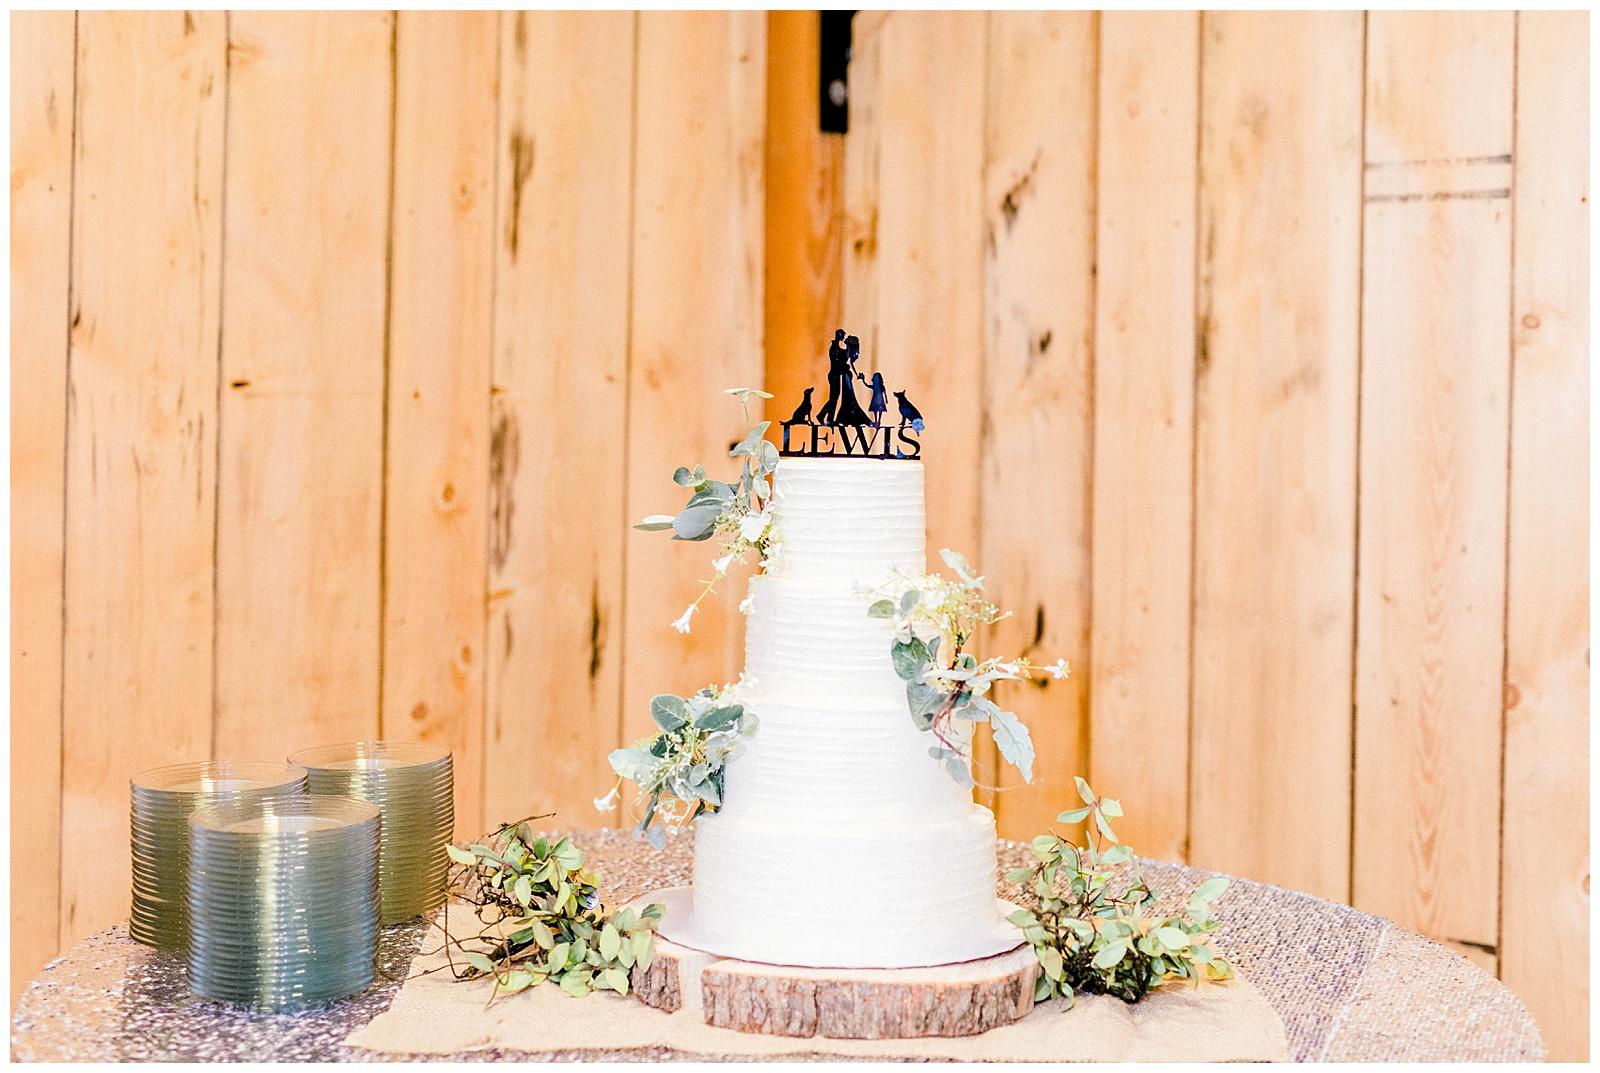 Lewis-Kara-Blakeman-Photography-Huntington-West-Virginia-Wedding-Barn-Olde-Homestead-61